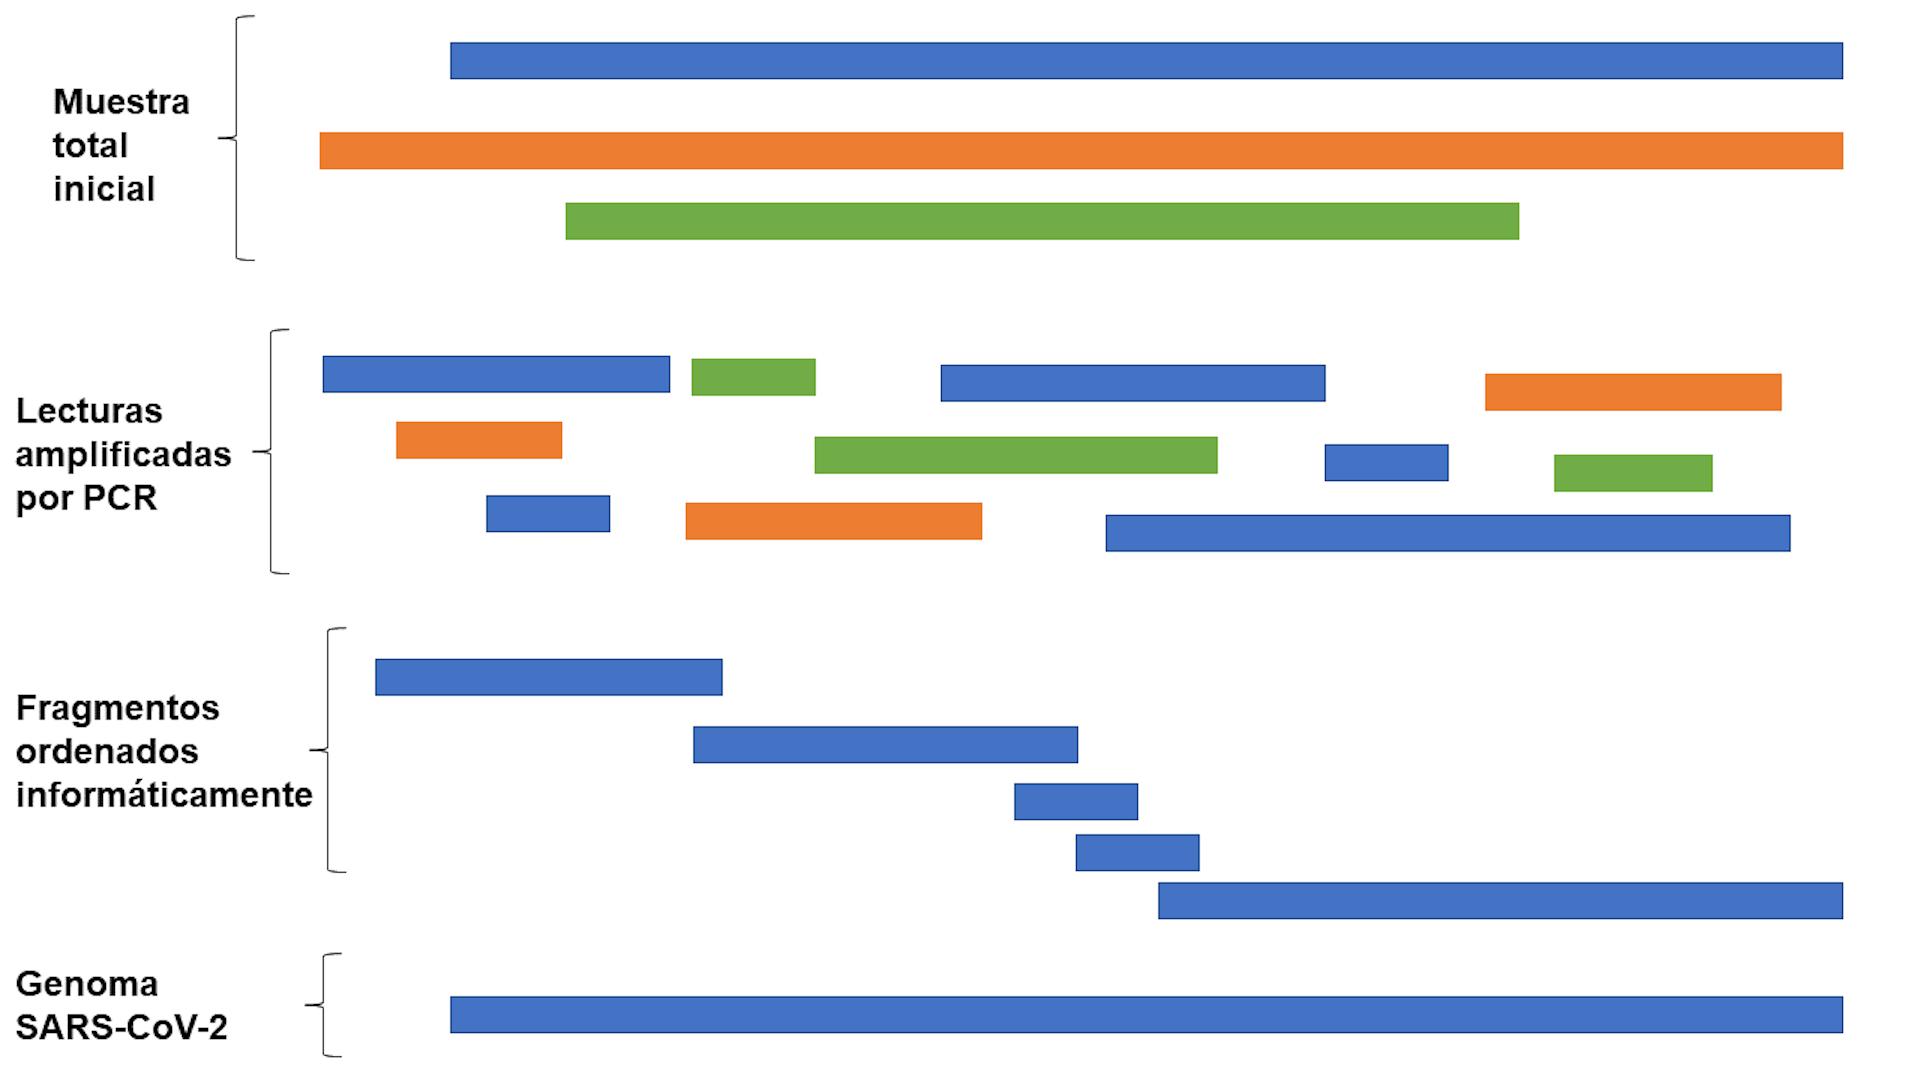 Secuenciación del genoma de SARS-CoV-2 a partir de muestras de pacientes. Elaboración propia.